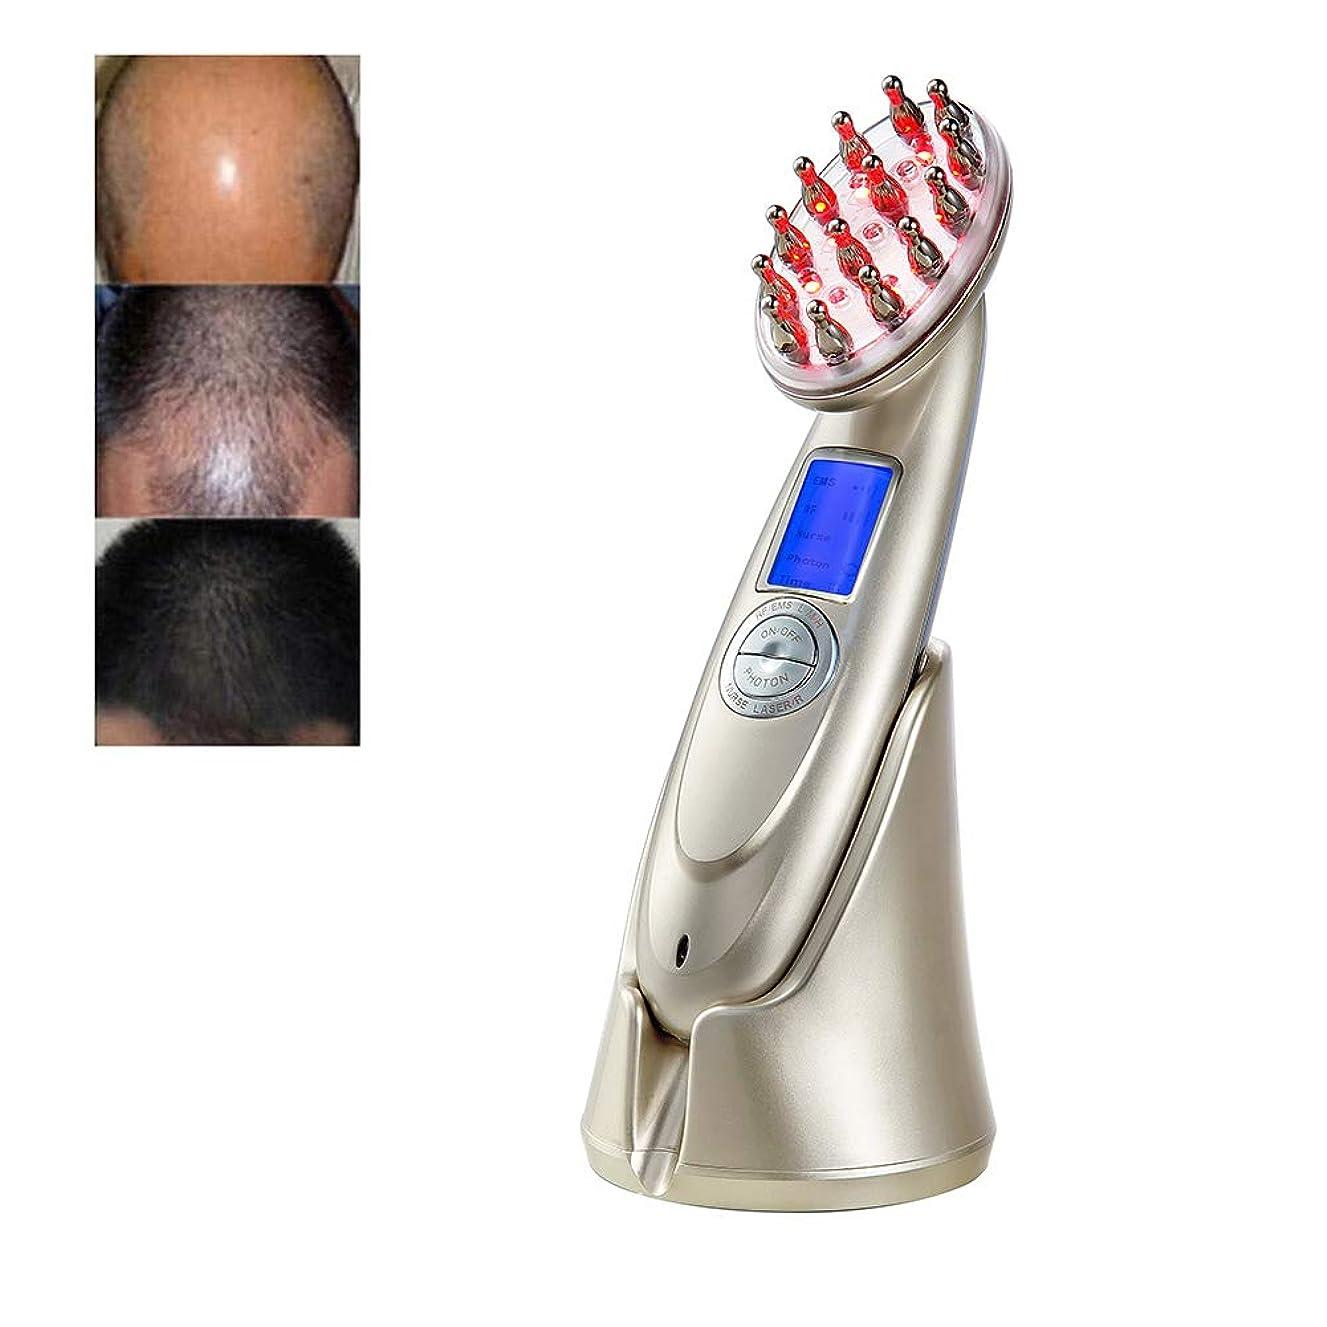 シーサイド排除文庫本抗脱毛櫛 RF EMS ナース LED 光子レーザー刺激発毛ブラシヘッド頭皮修復ヘアマッサージ美容くし